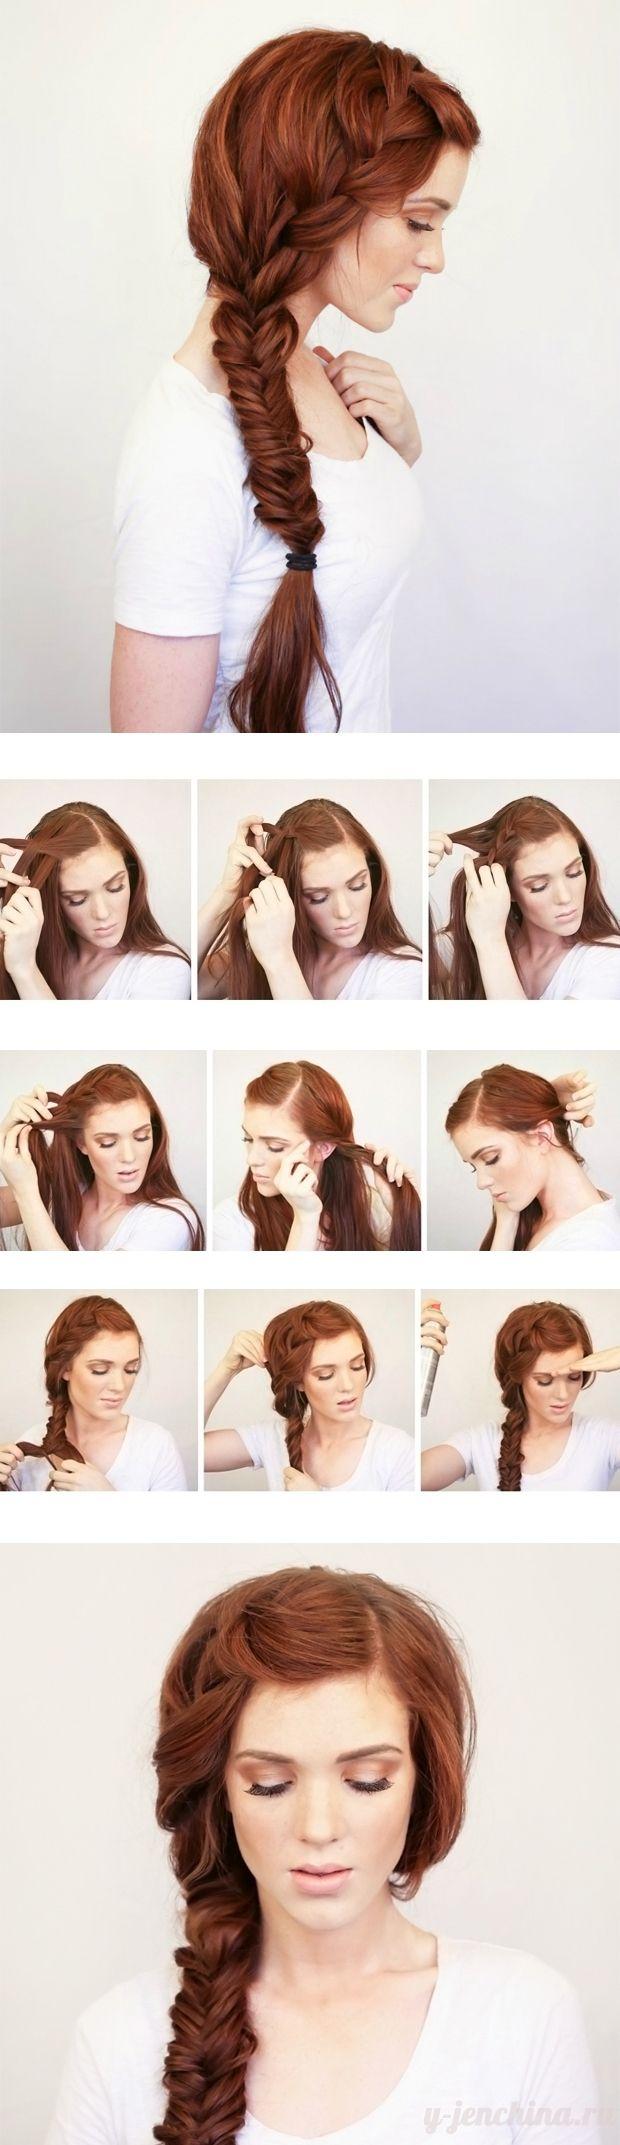 Красивая прическа на длинные волосы своими руками за 5 33